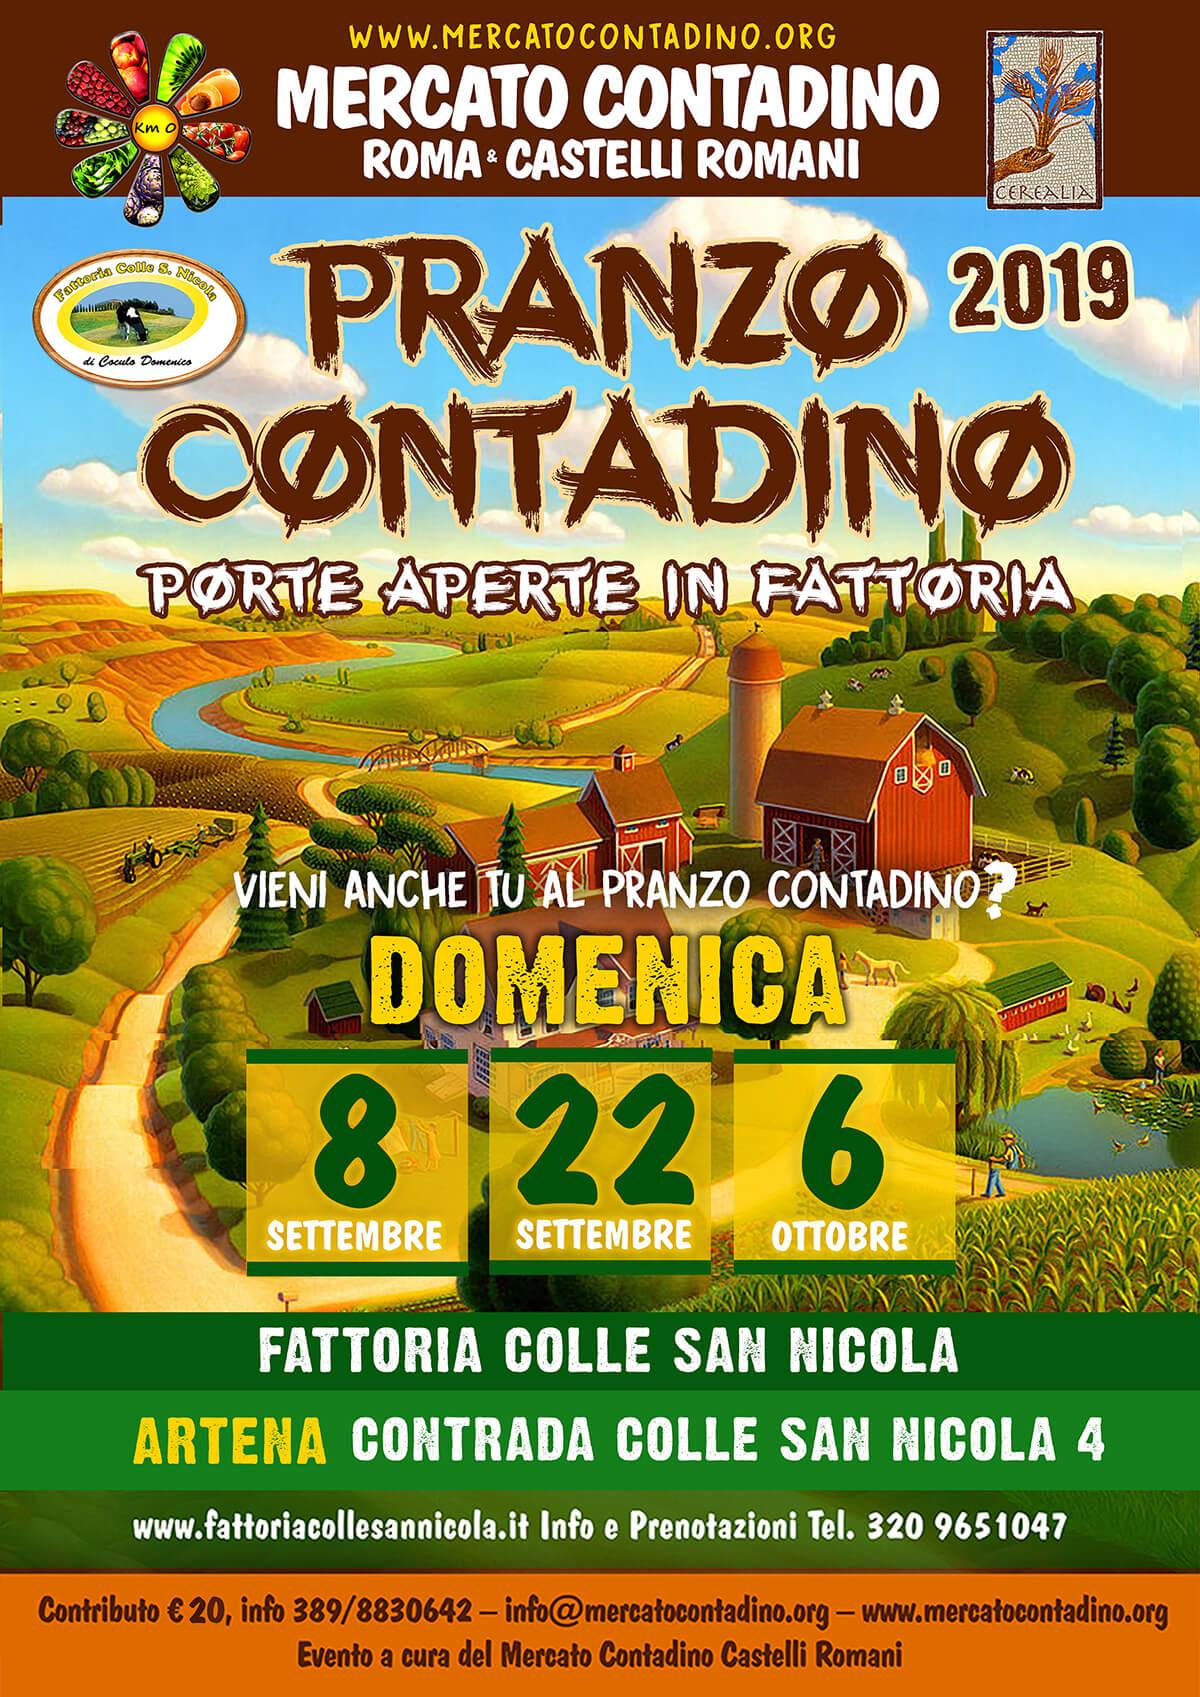 CONTADINO IN FATTORIA SAN NICOLA 2019 PRANZO